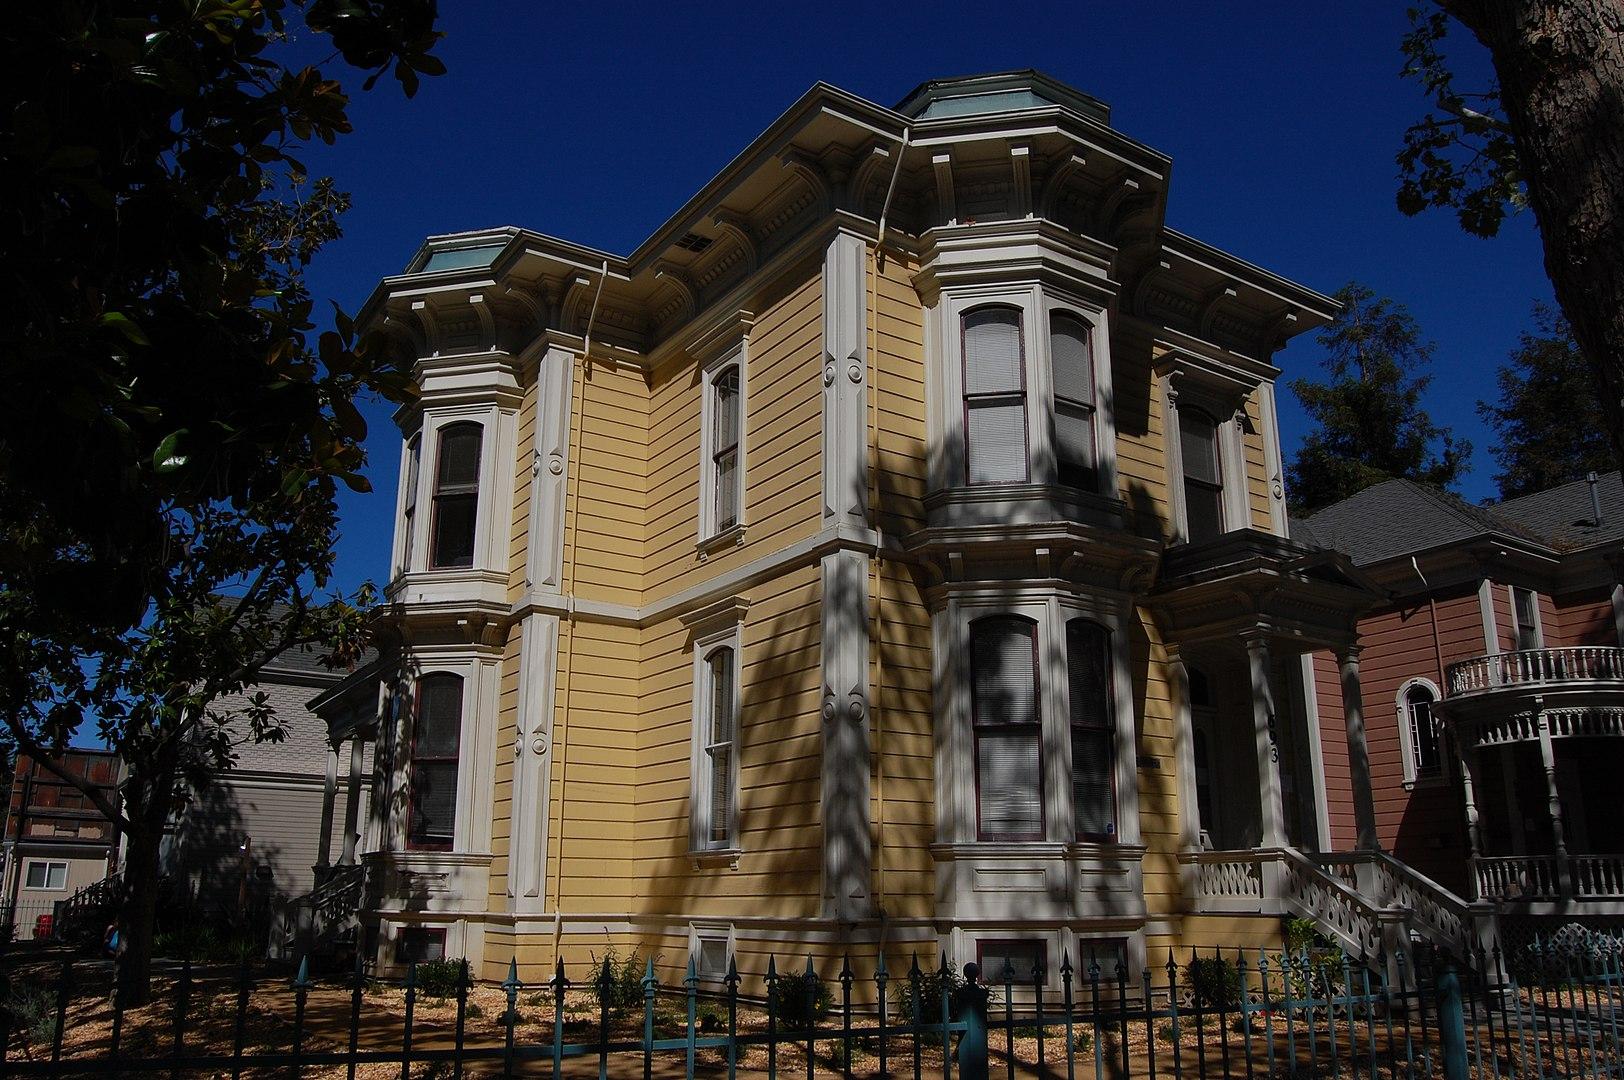 Ross House, built in 1878.